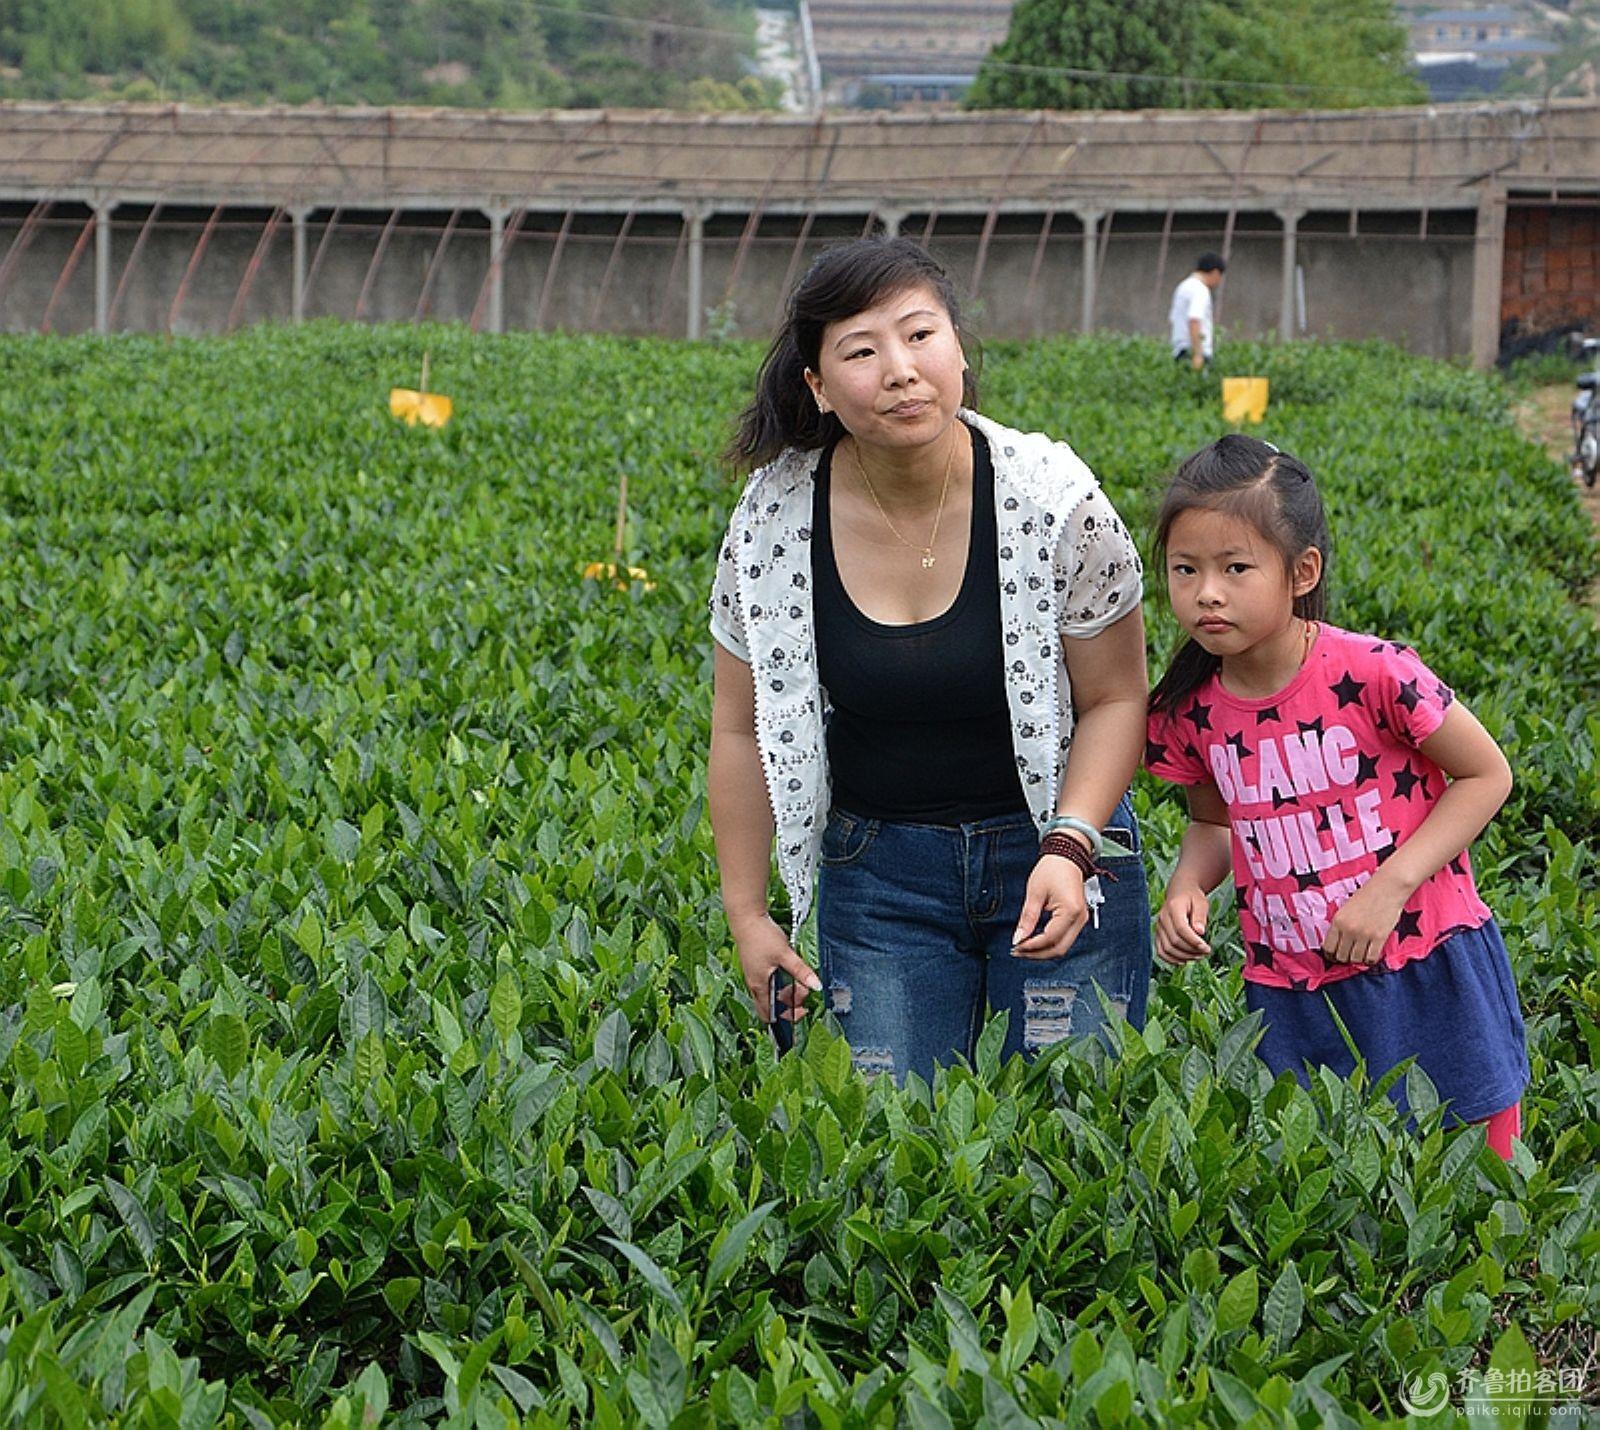 走进崂山万里江茶场 - 青岛拍客 - 齐鲁社区 - 山东最